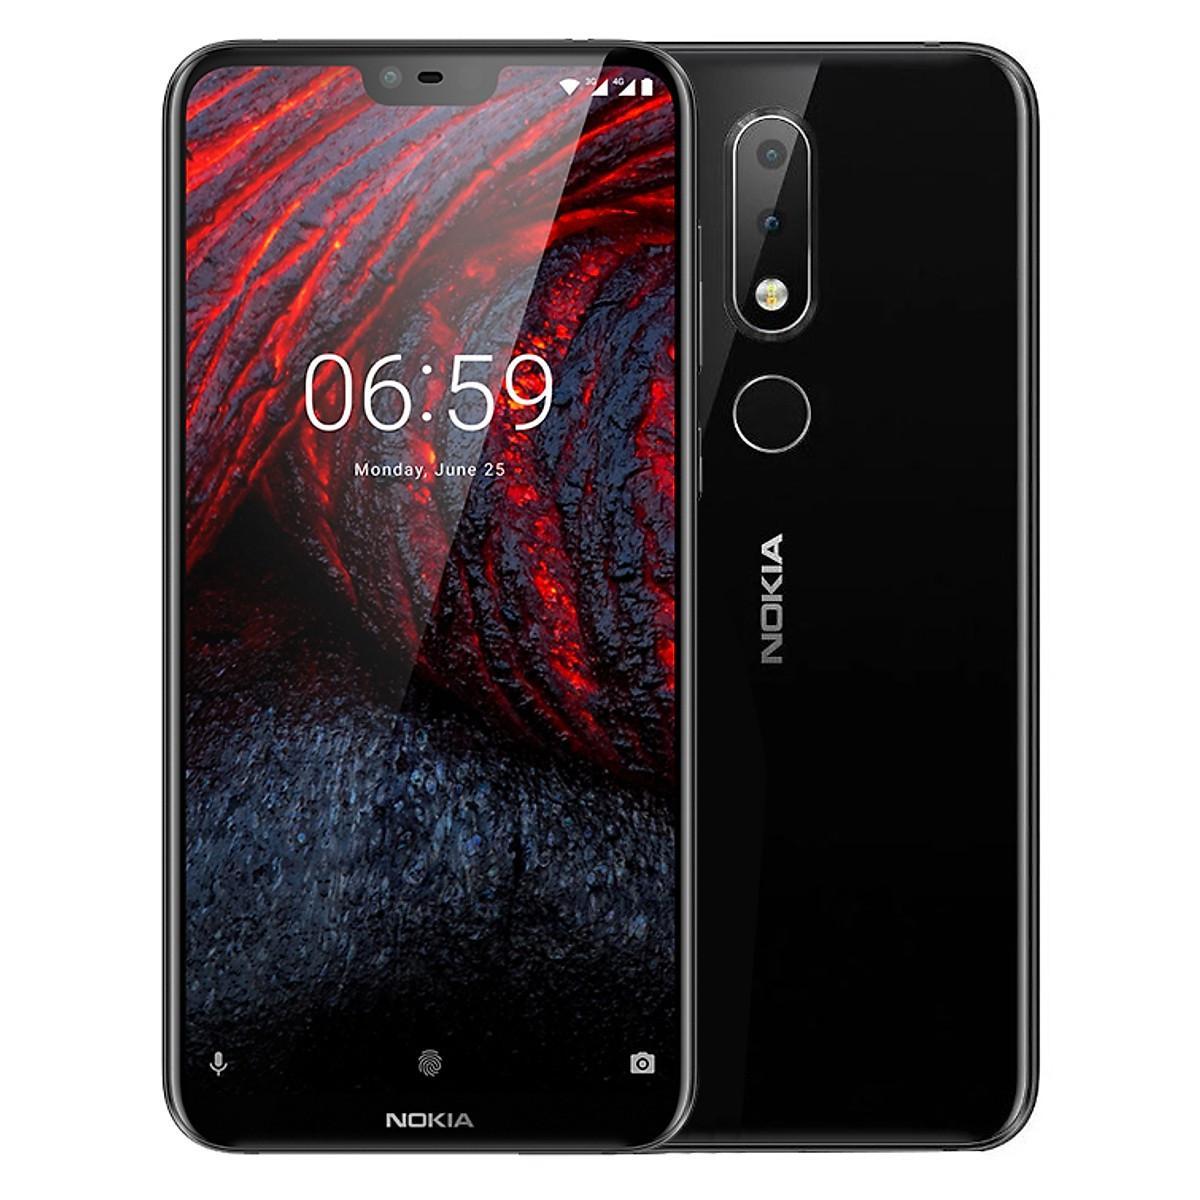 Đánh giá Điện thoại Nokia 6.1 Plus